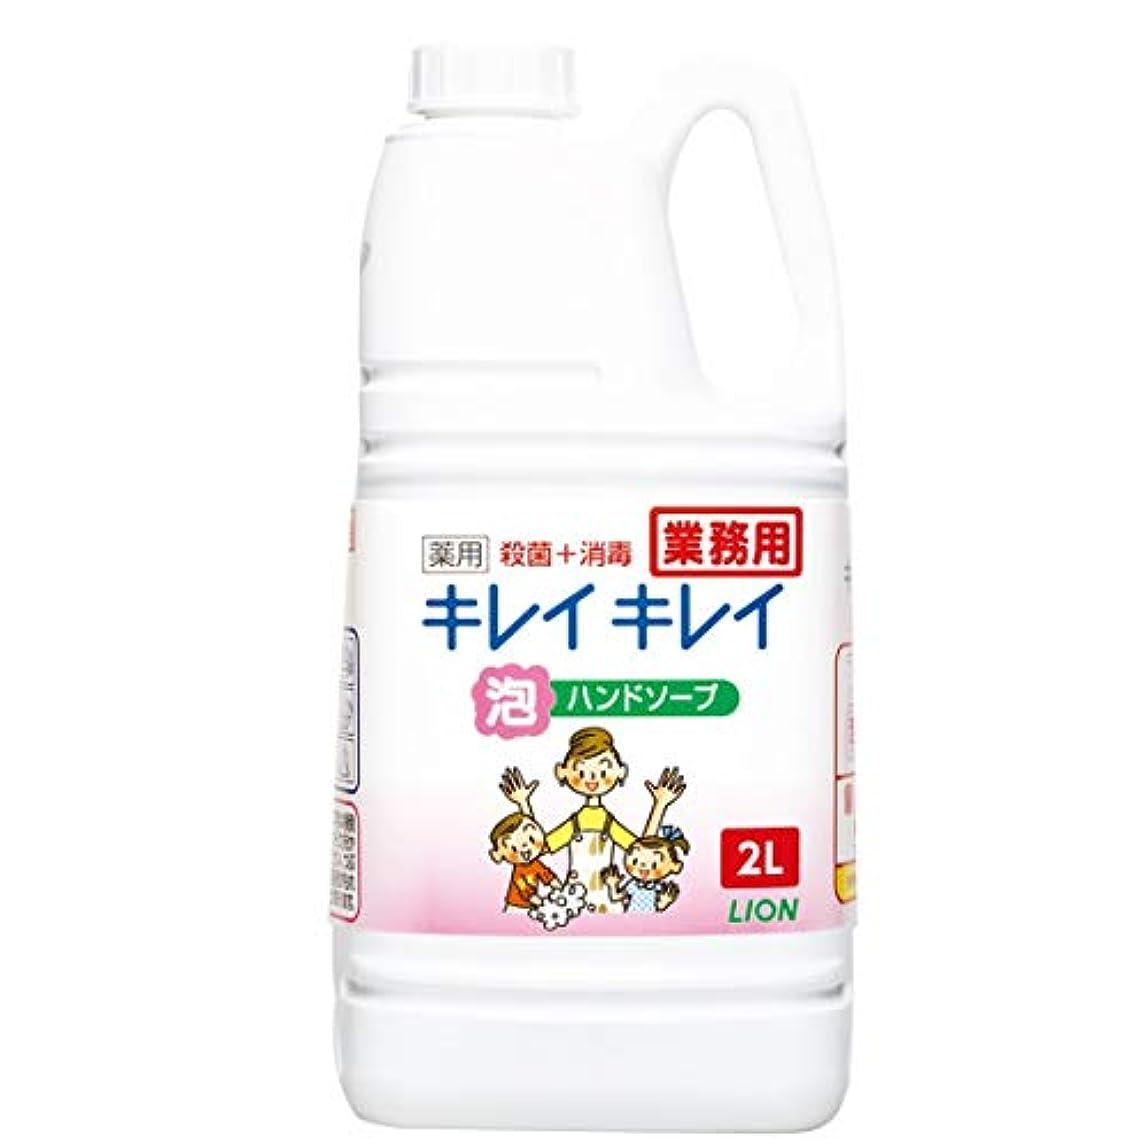 トラックアーサーリル【業務用 大容量】キレイキレイ 薬用 泡ハンドソープ シトラスフルーティの香り 2L(医薬部外品)